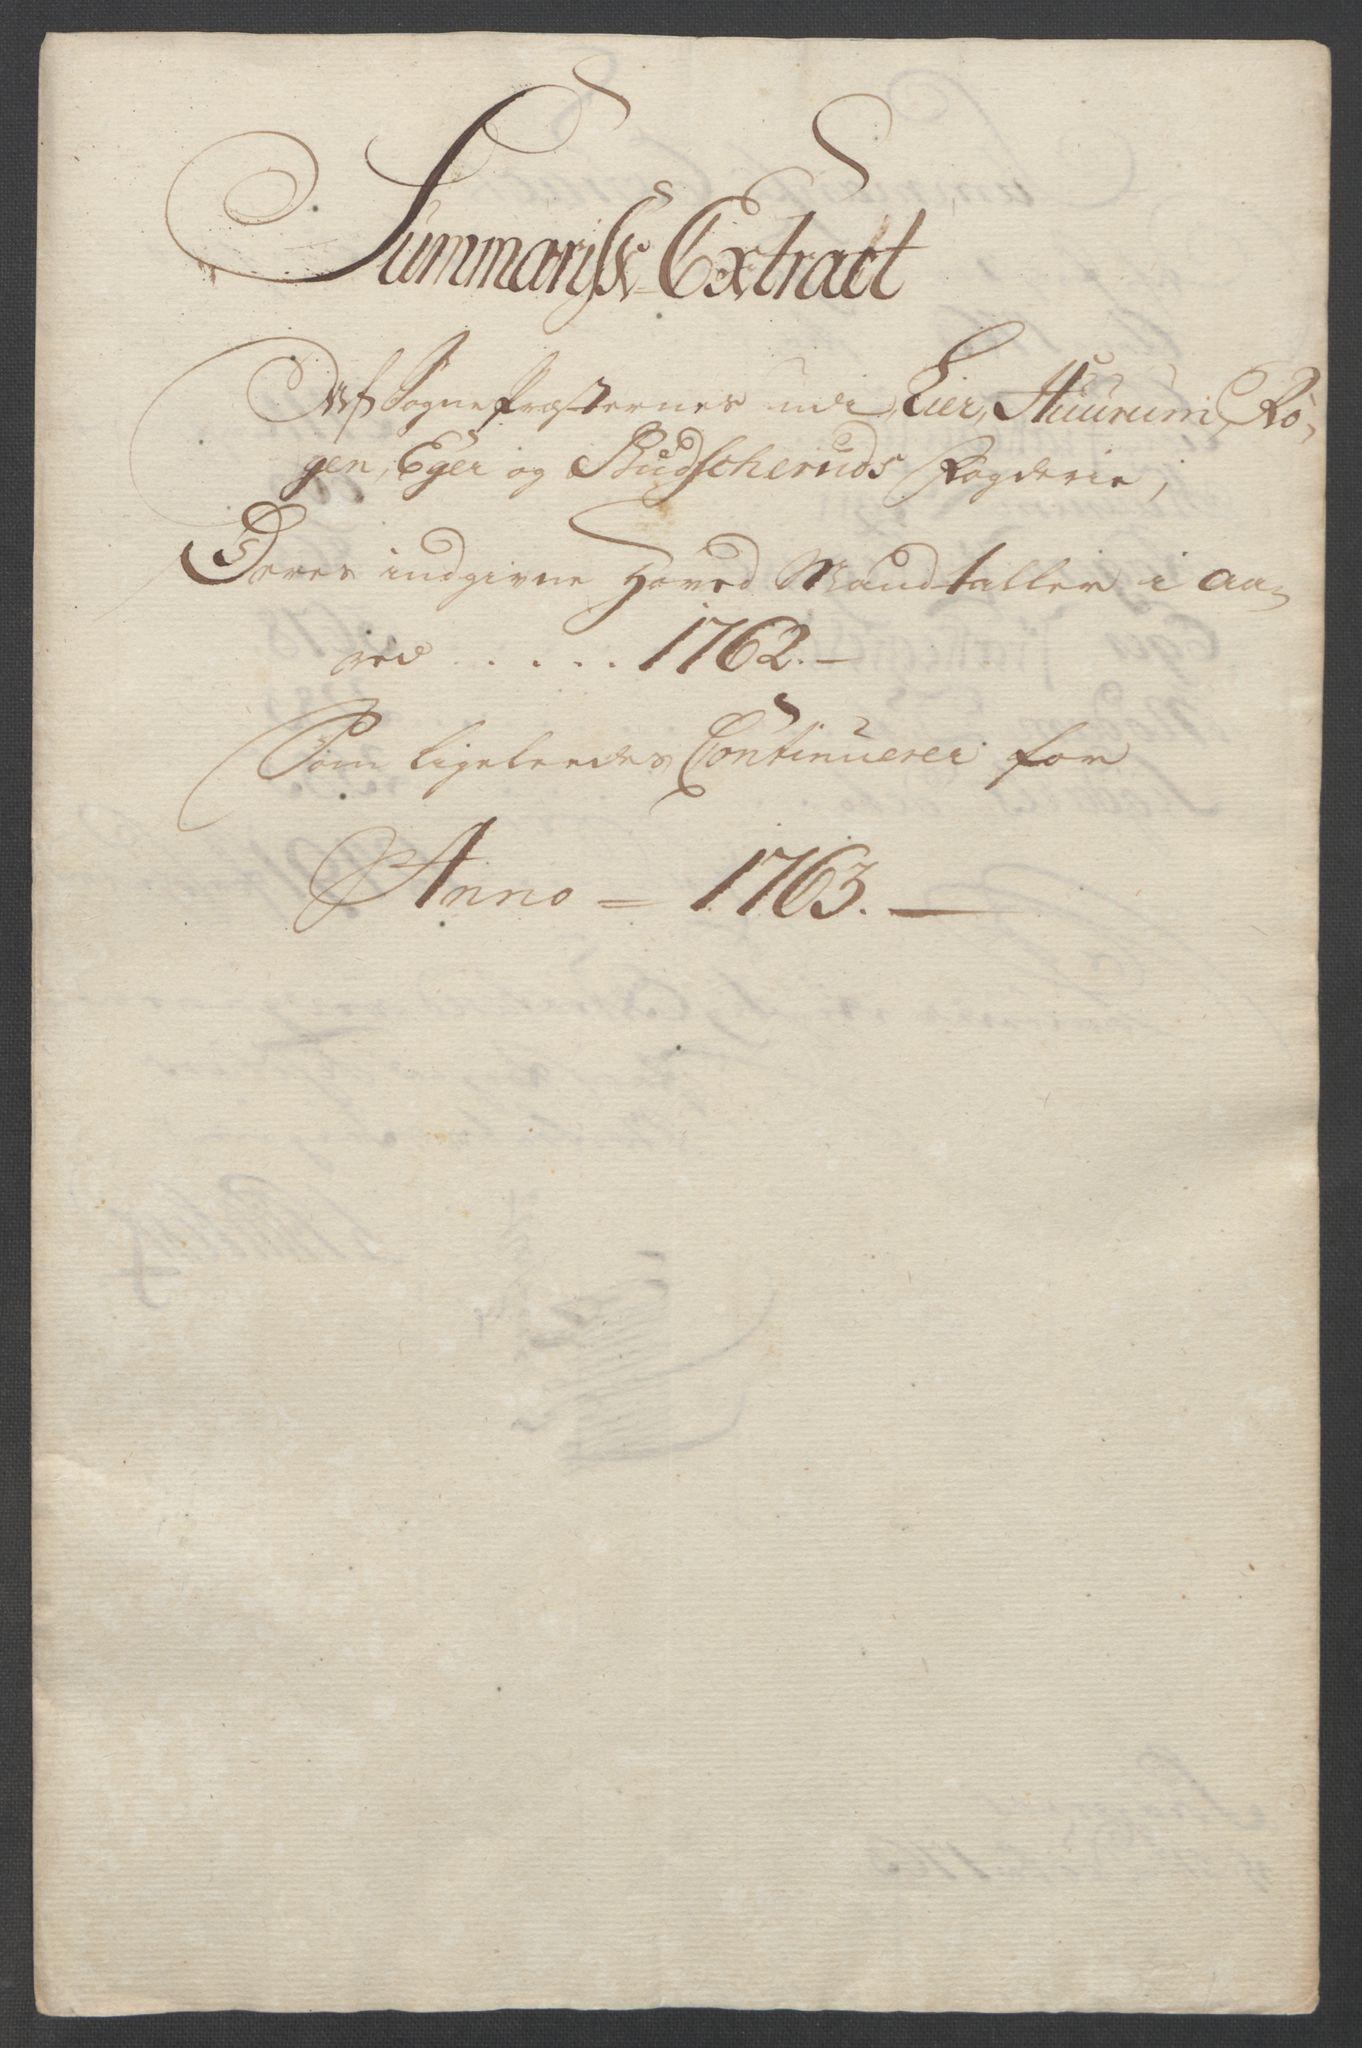 RA, Rentekammeret inntil 1814, Reviderte regnskaper, Fogderegnskap, R31/L1833: Ekstraskatten Hurum, Røyken, Eiker, Lier og Buskerud, 1762-1764, s. 62